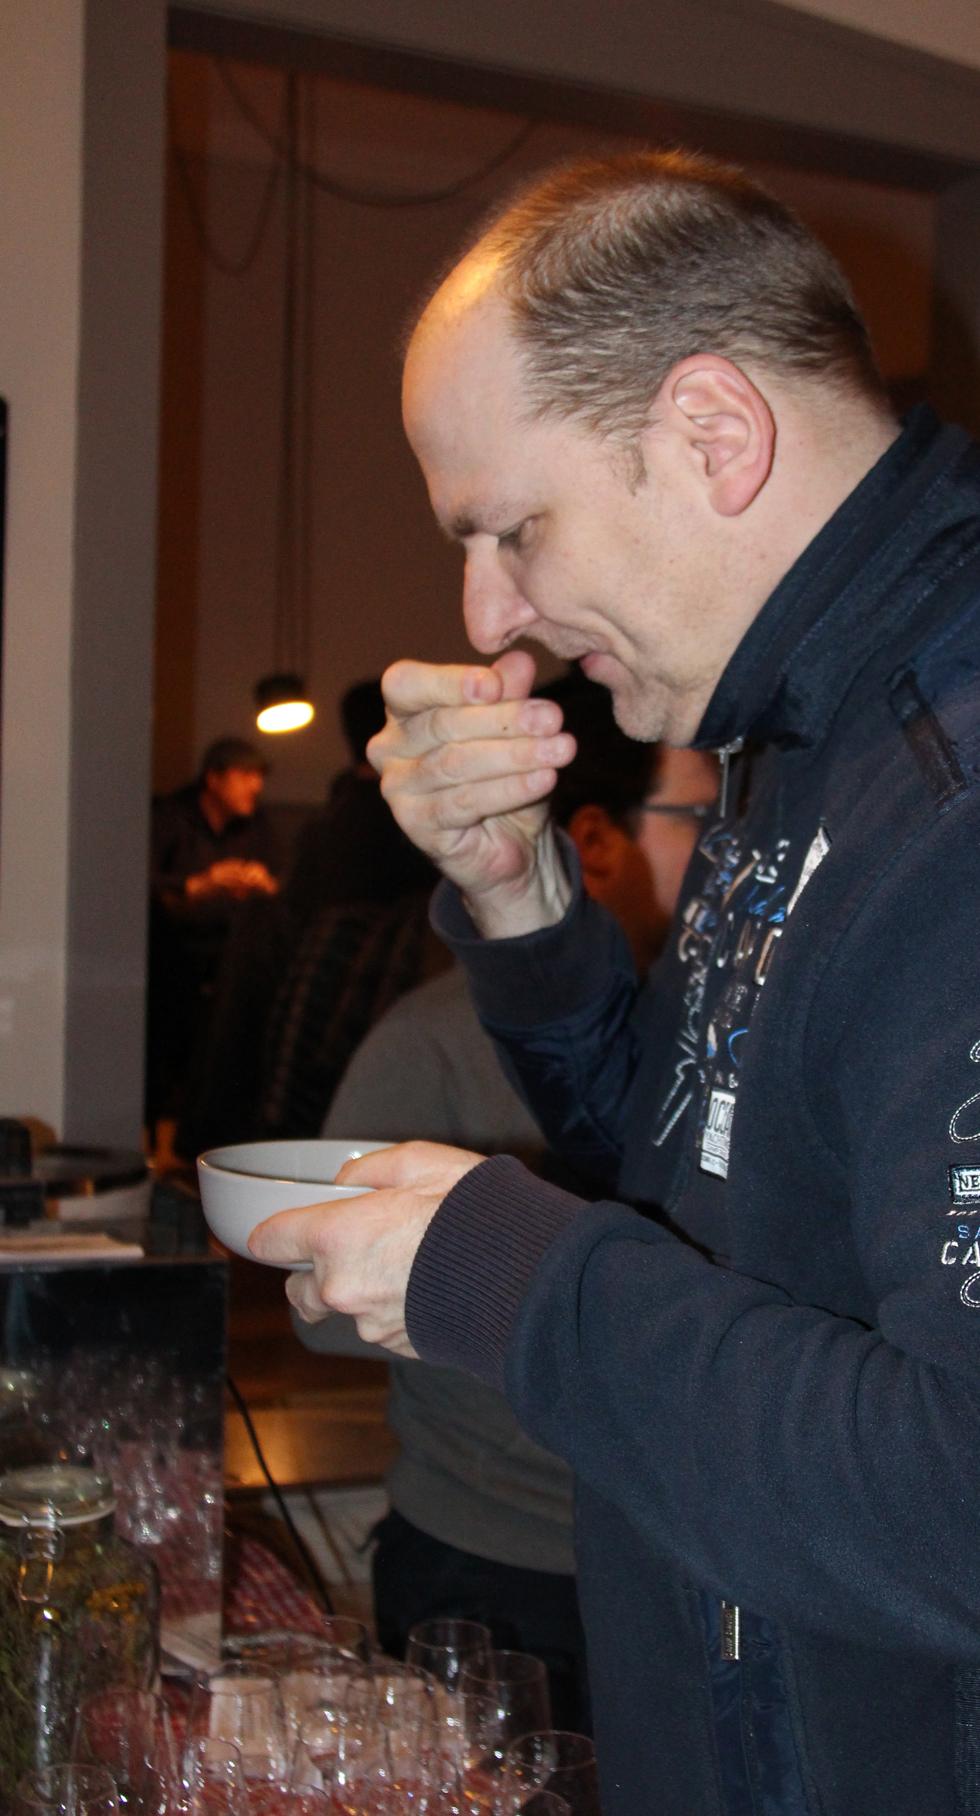 Geschmack entsteht über den Geruchssinn: Die Gäste durften sich selbst überzeugen.